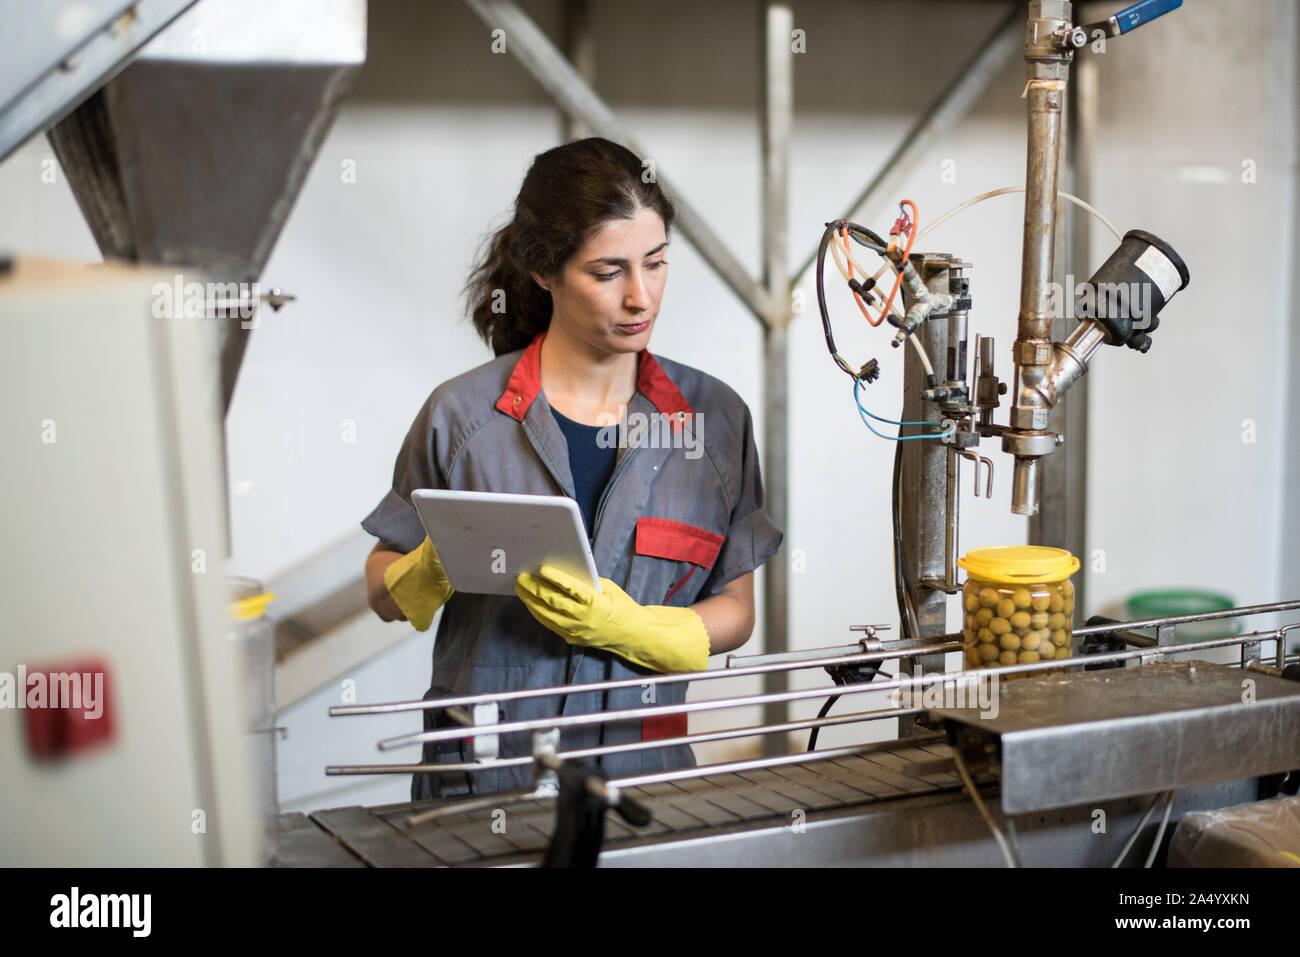 Lavoratore donna con tablet rivedere il nastro trasportatore macchina in stabilimento alimentare Foto Stock